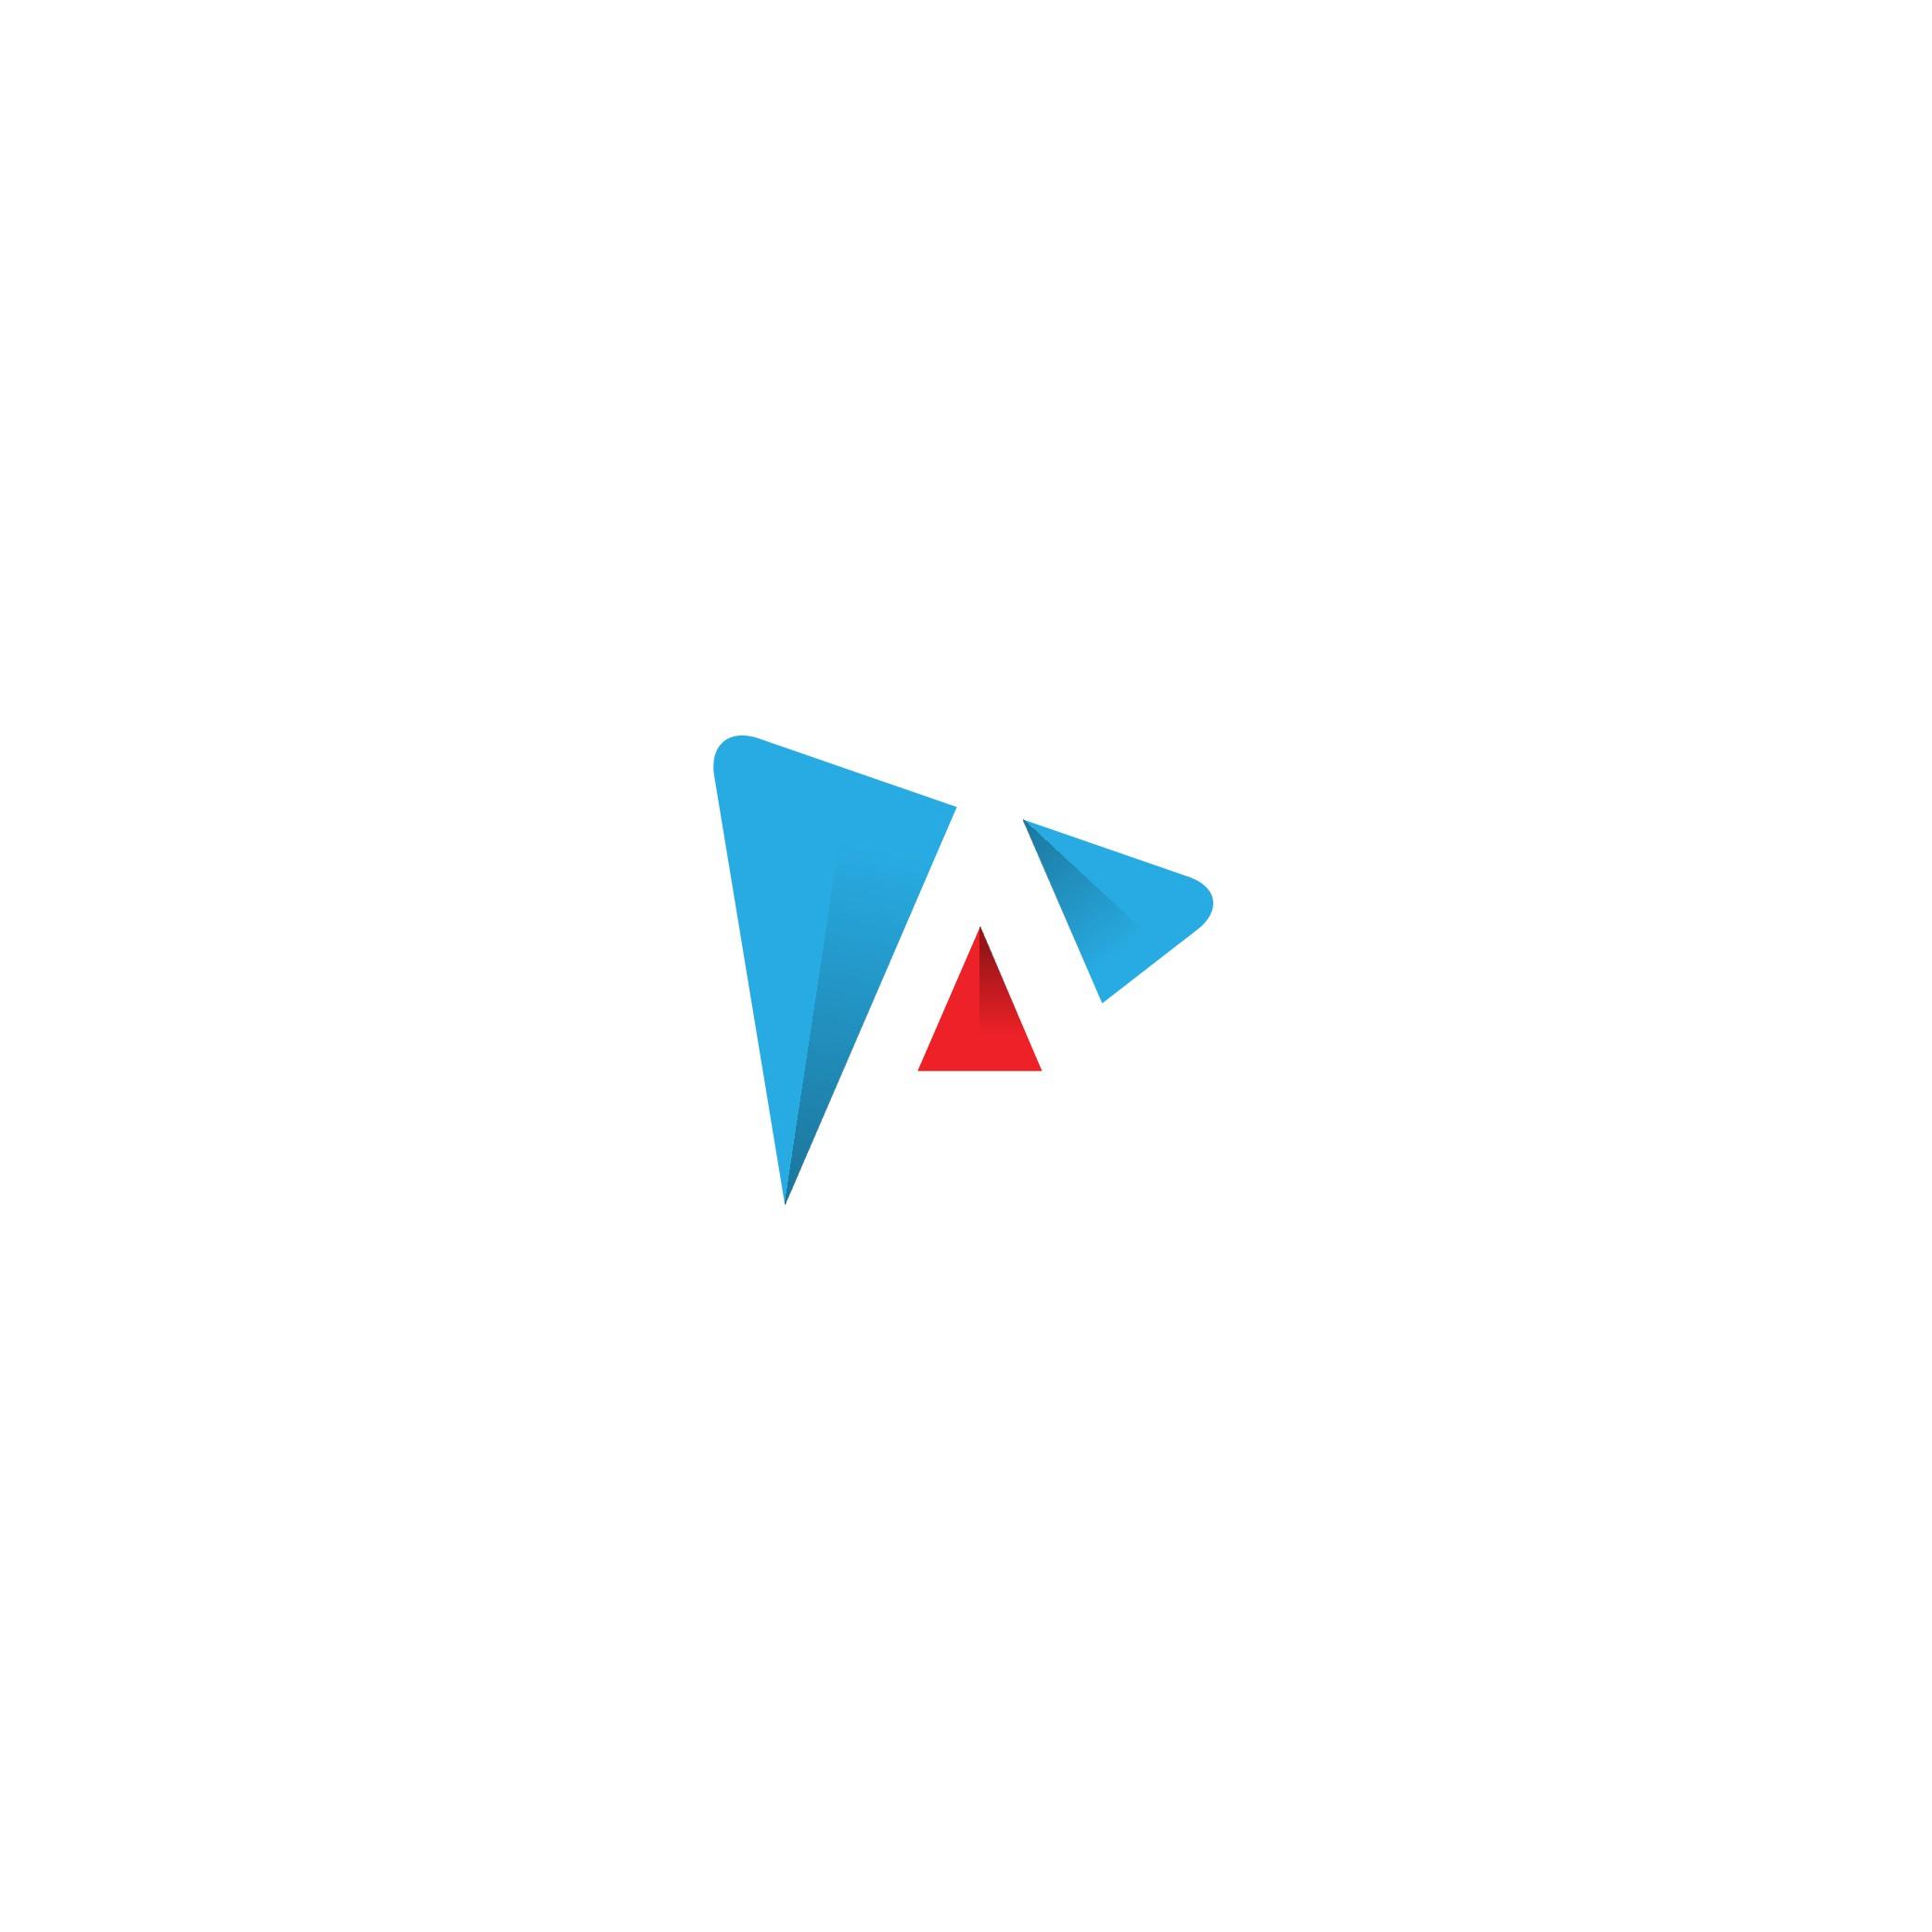 Amphilix logo design